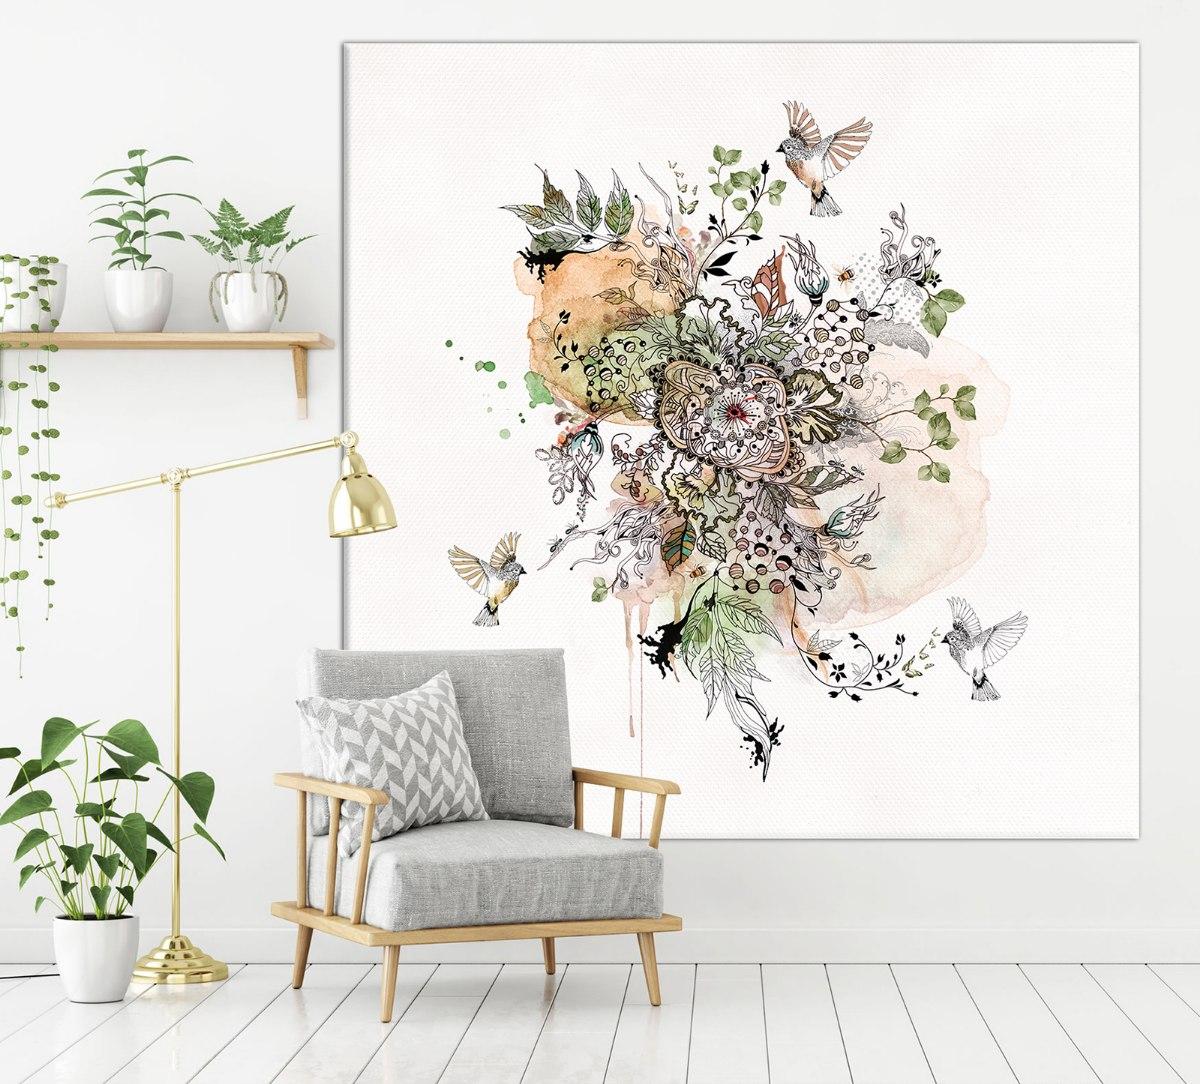 ציור גדול אבסטרקטי של פרחים